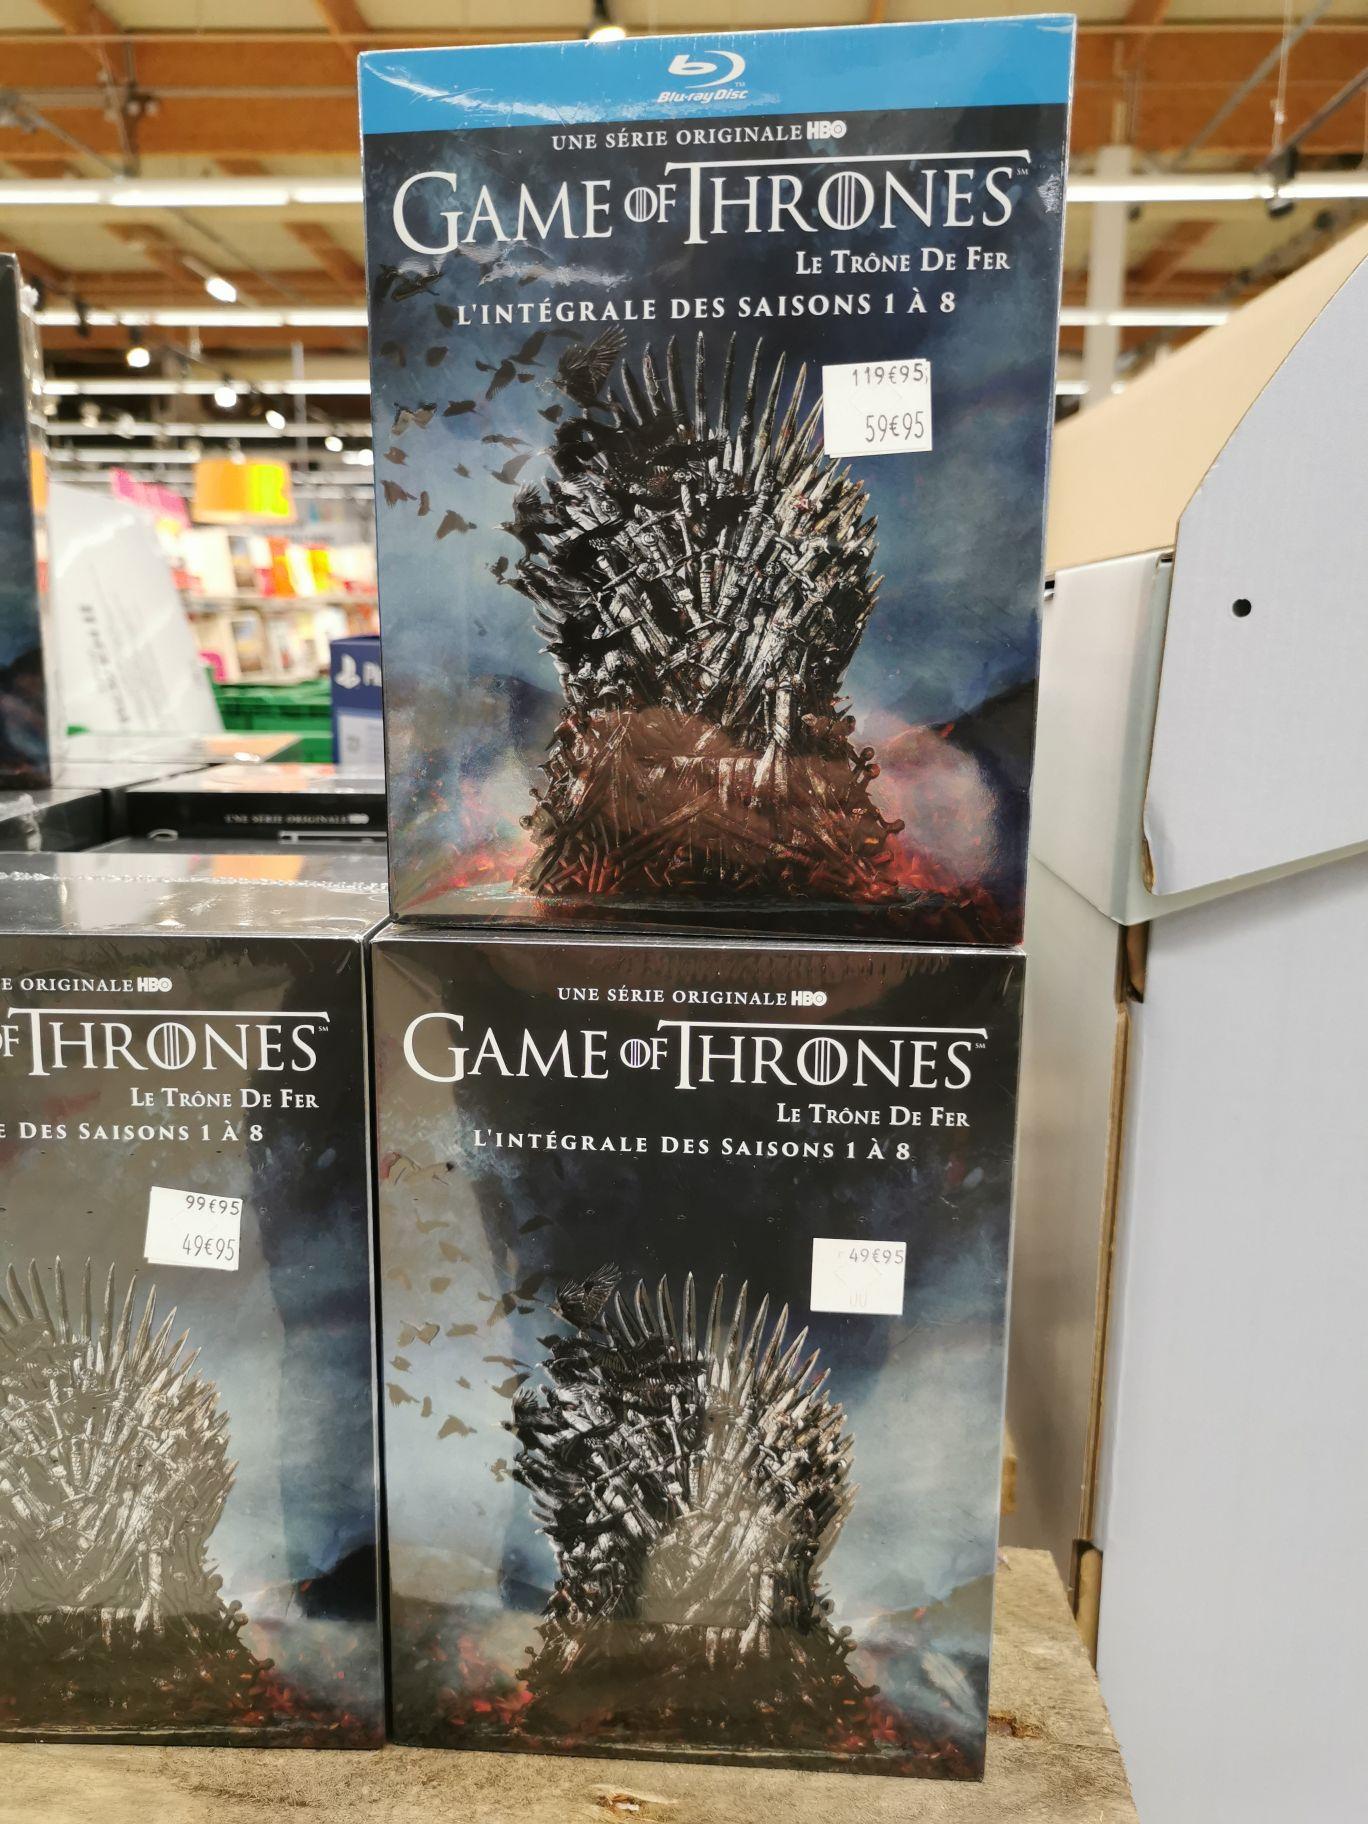 Coffret DVD Game of Thrones (Le Trône De Fer) - L'intégrale des saisons 1 à 8 (Mondeville 14)